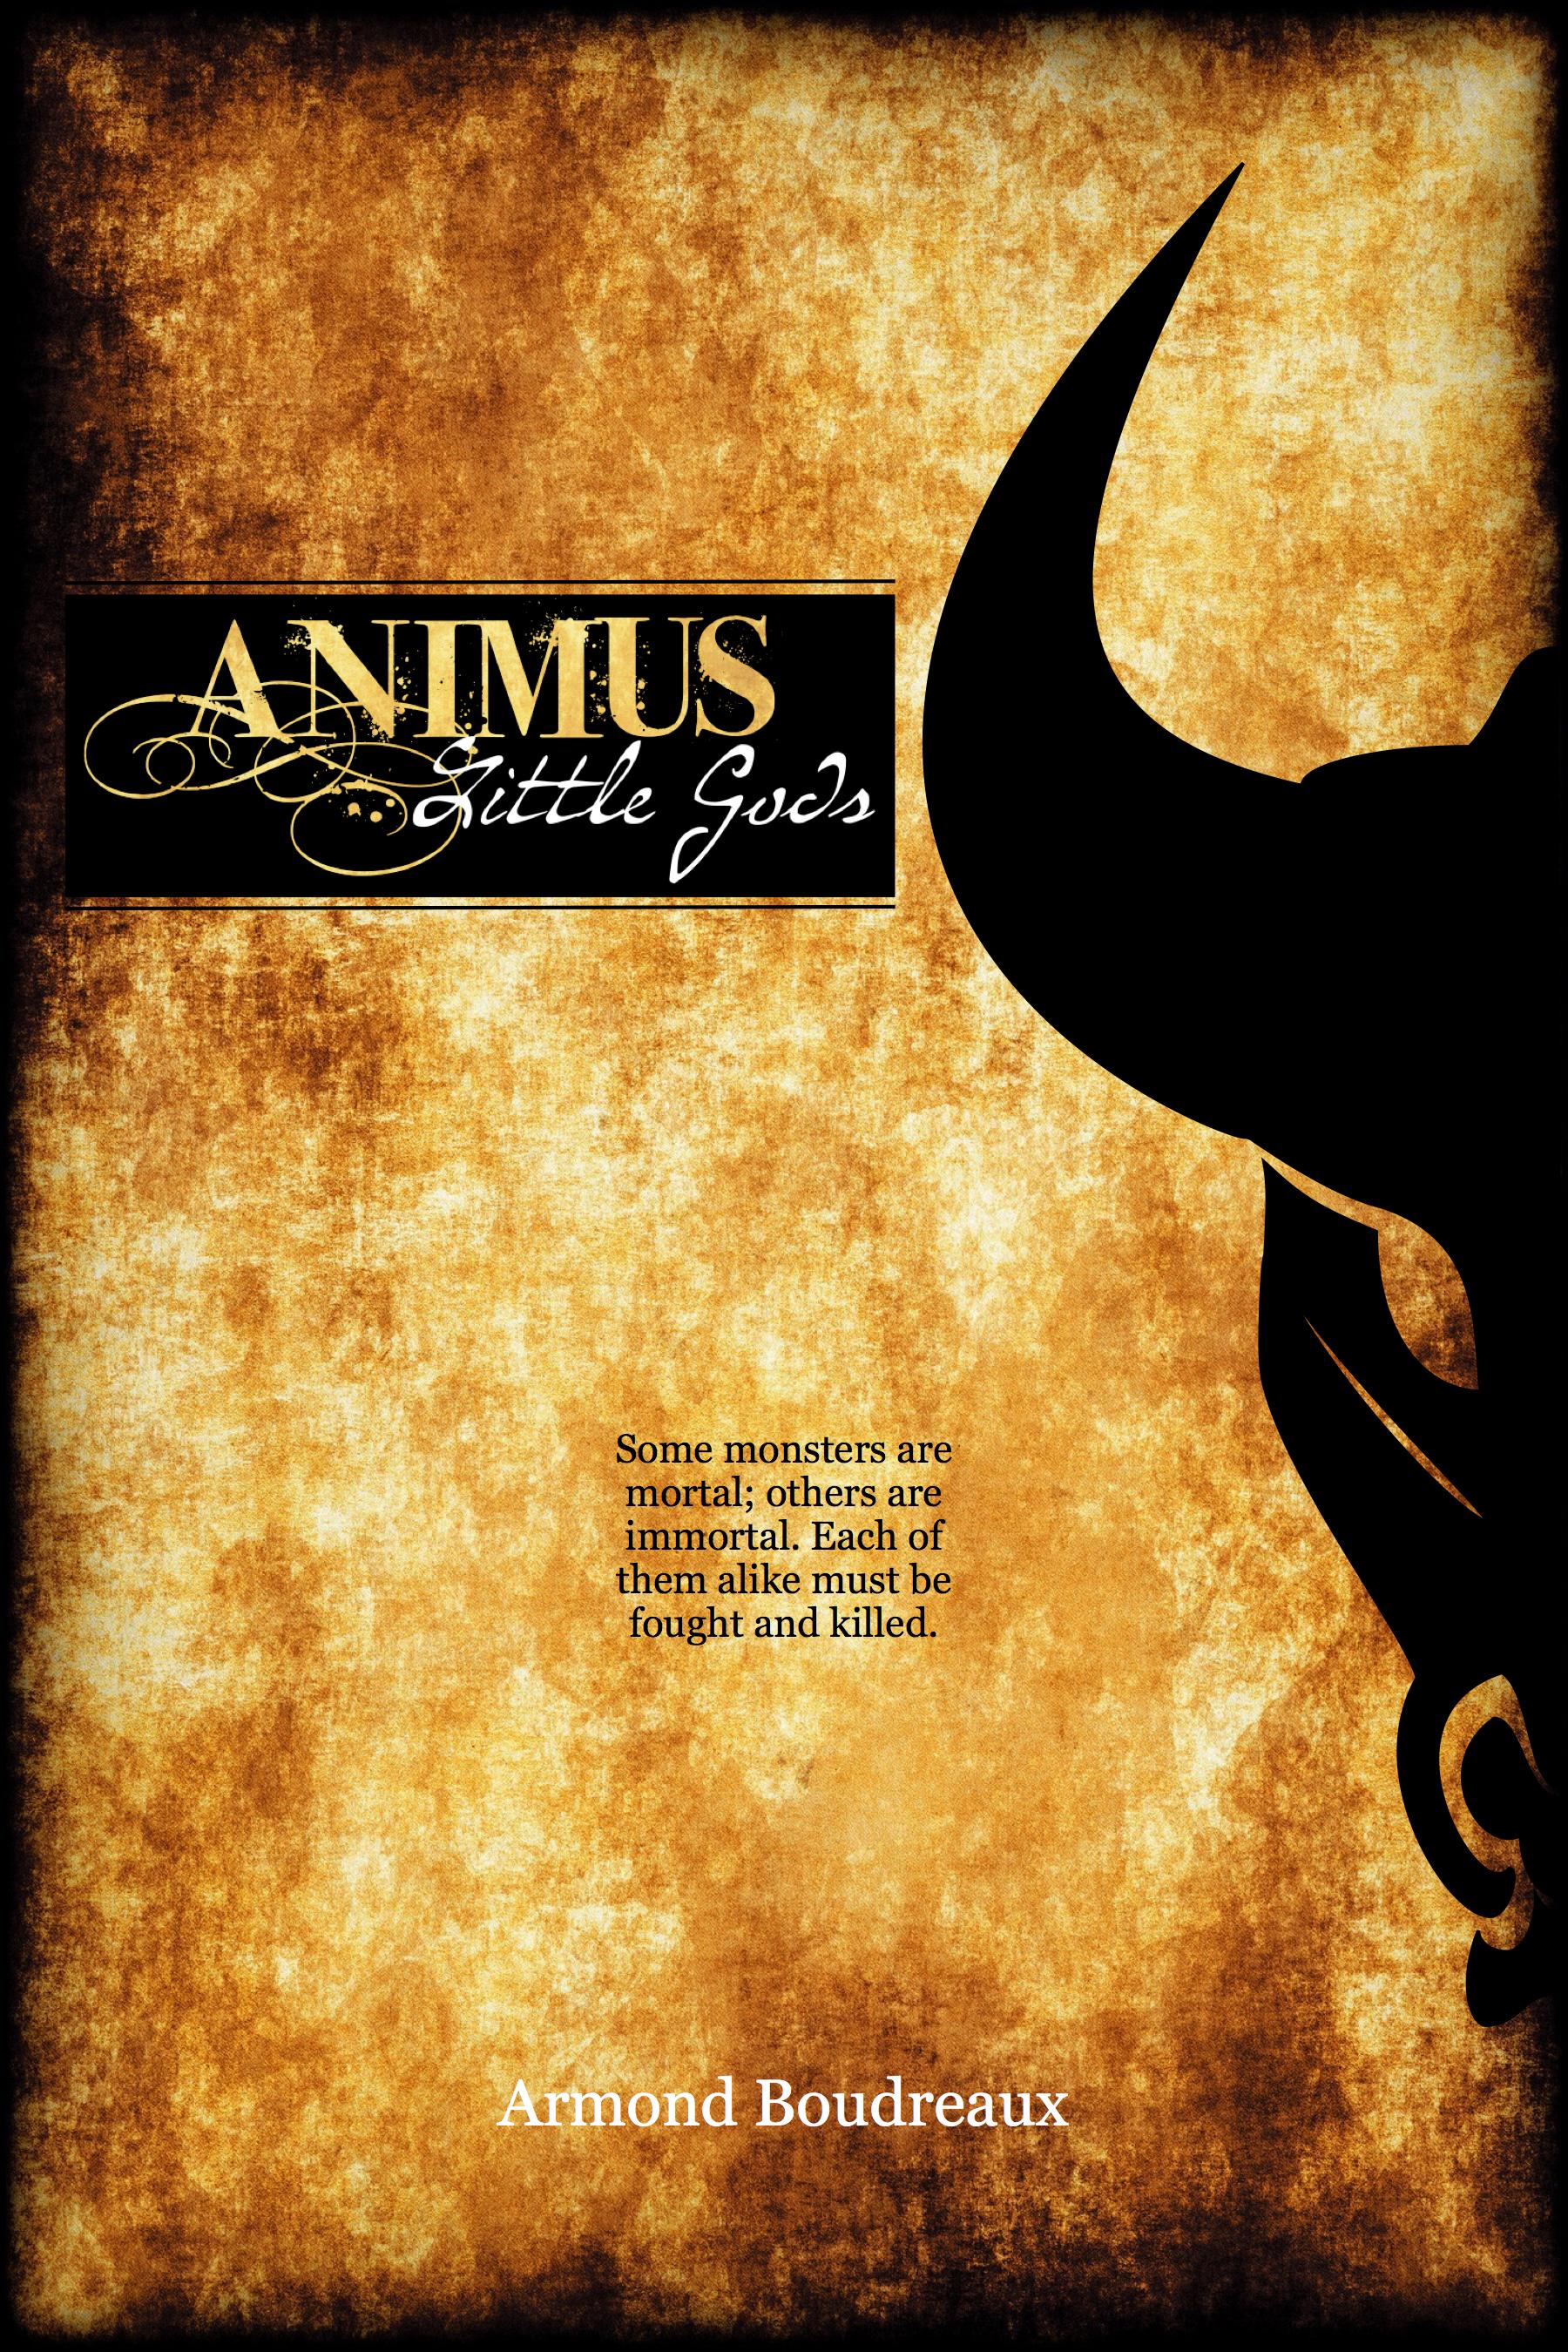 Animus – Armond Boudreaux